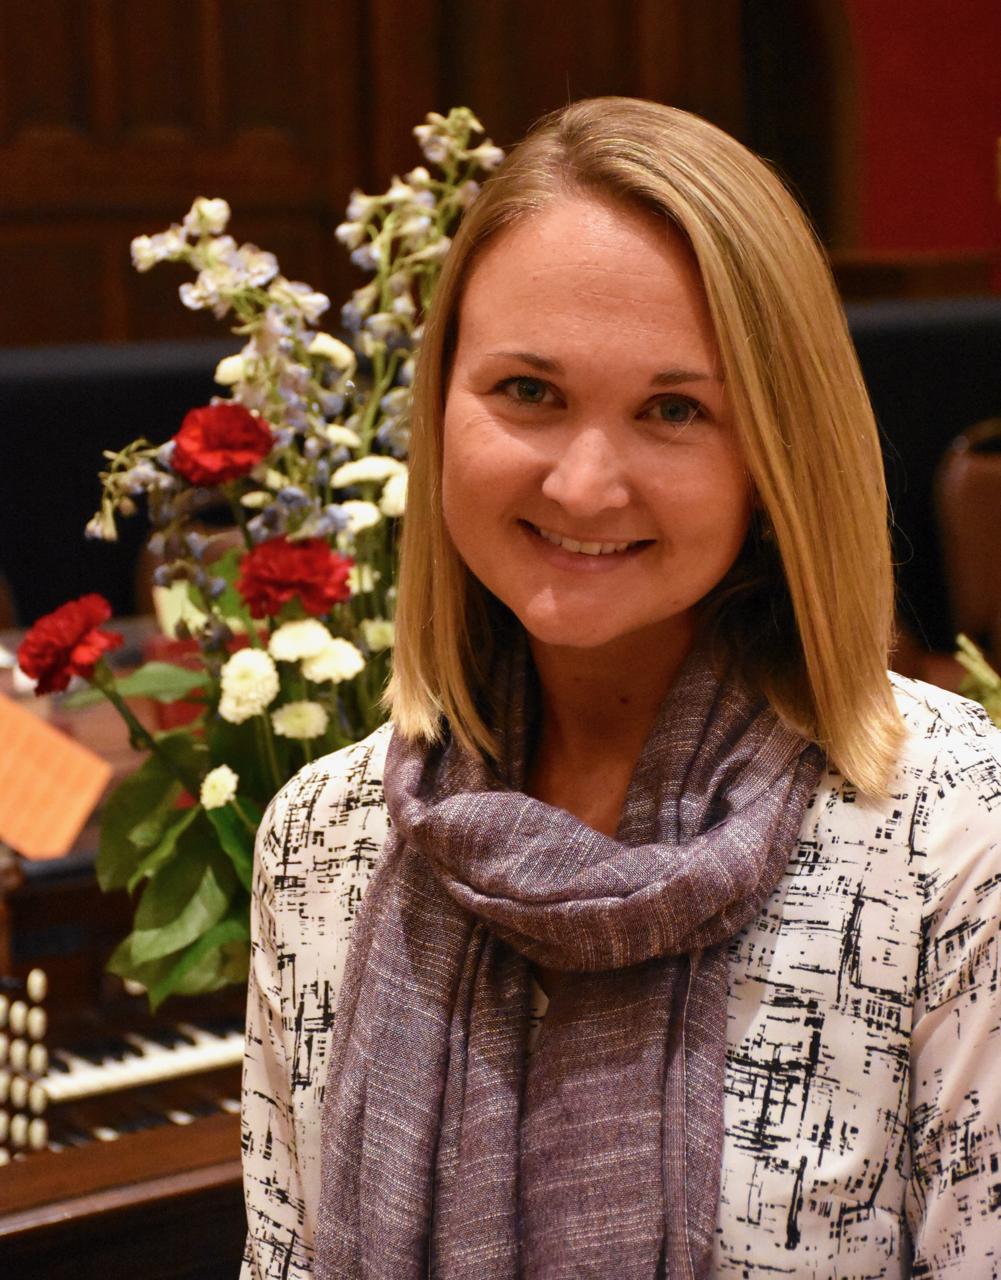 Kelly Herman